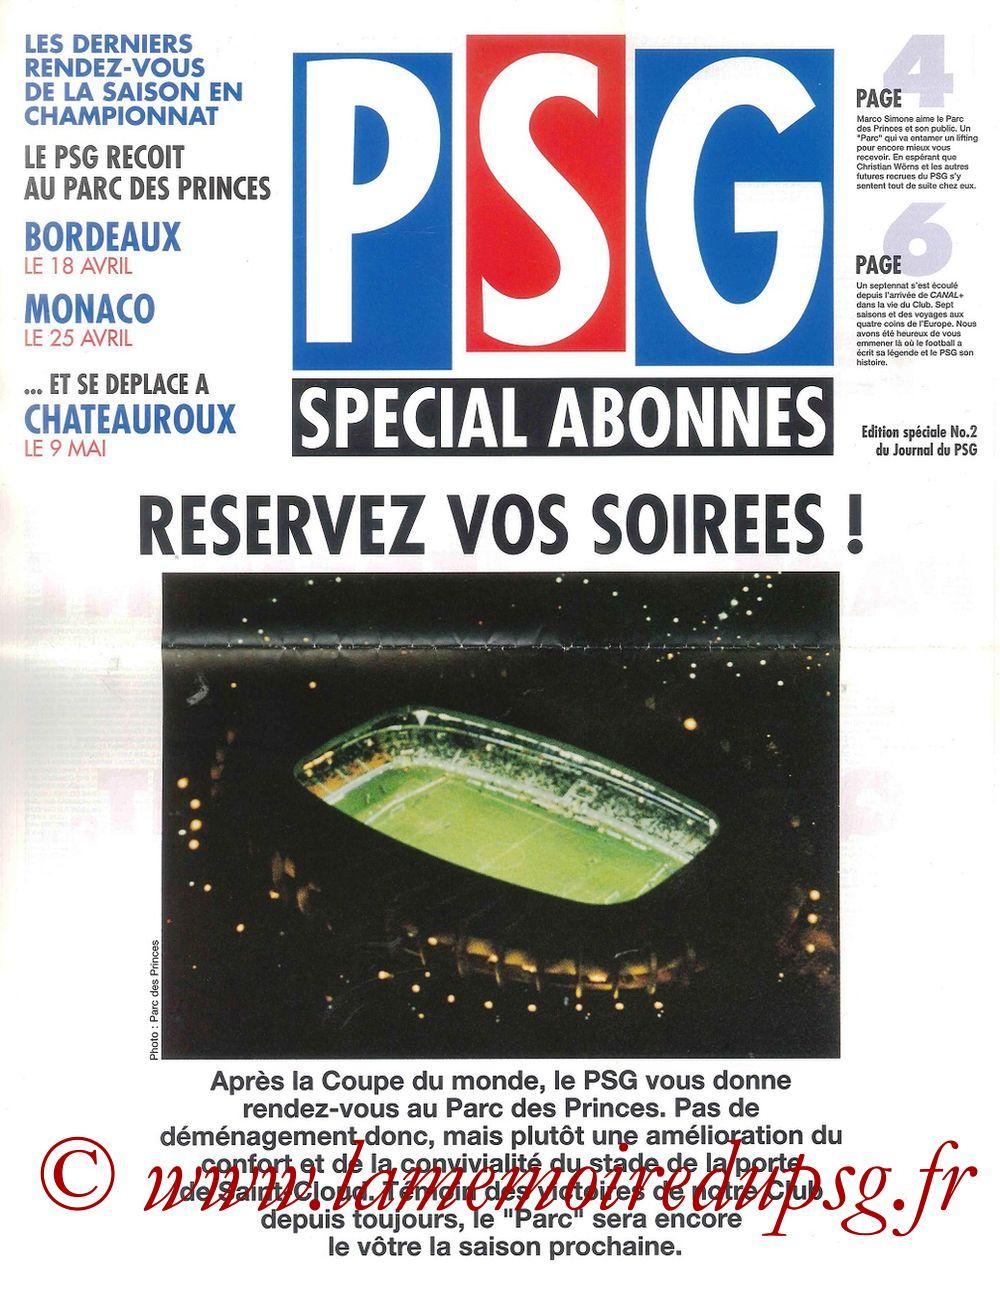 1998-04-13  Le Journal du PSG, Edition Spéciale Abonnés N°2